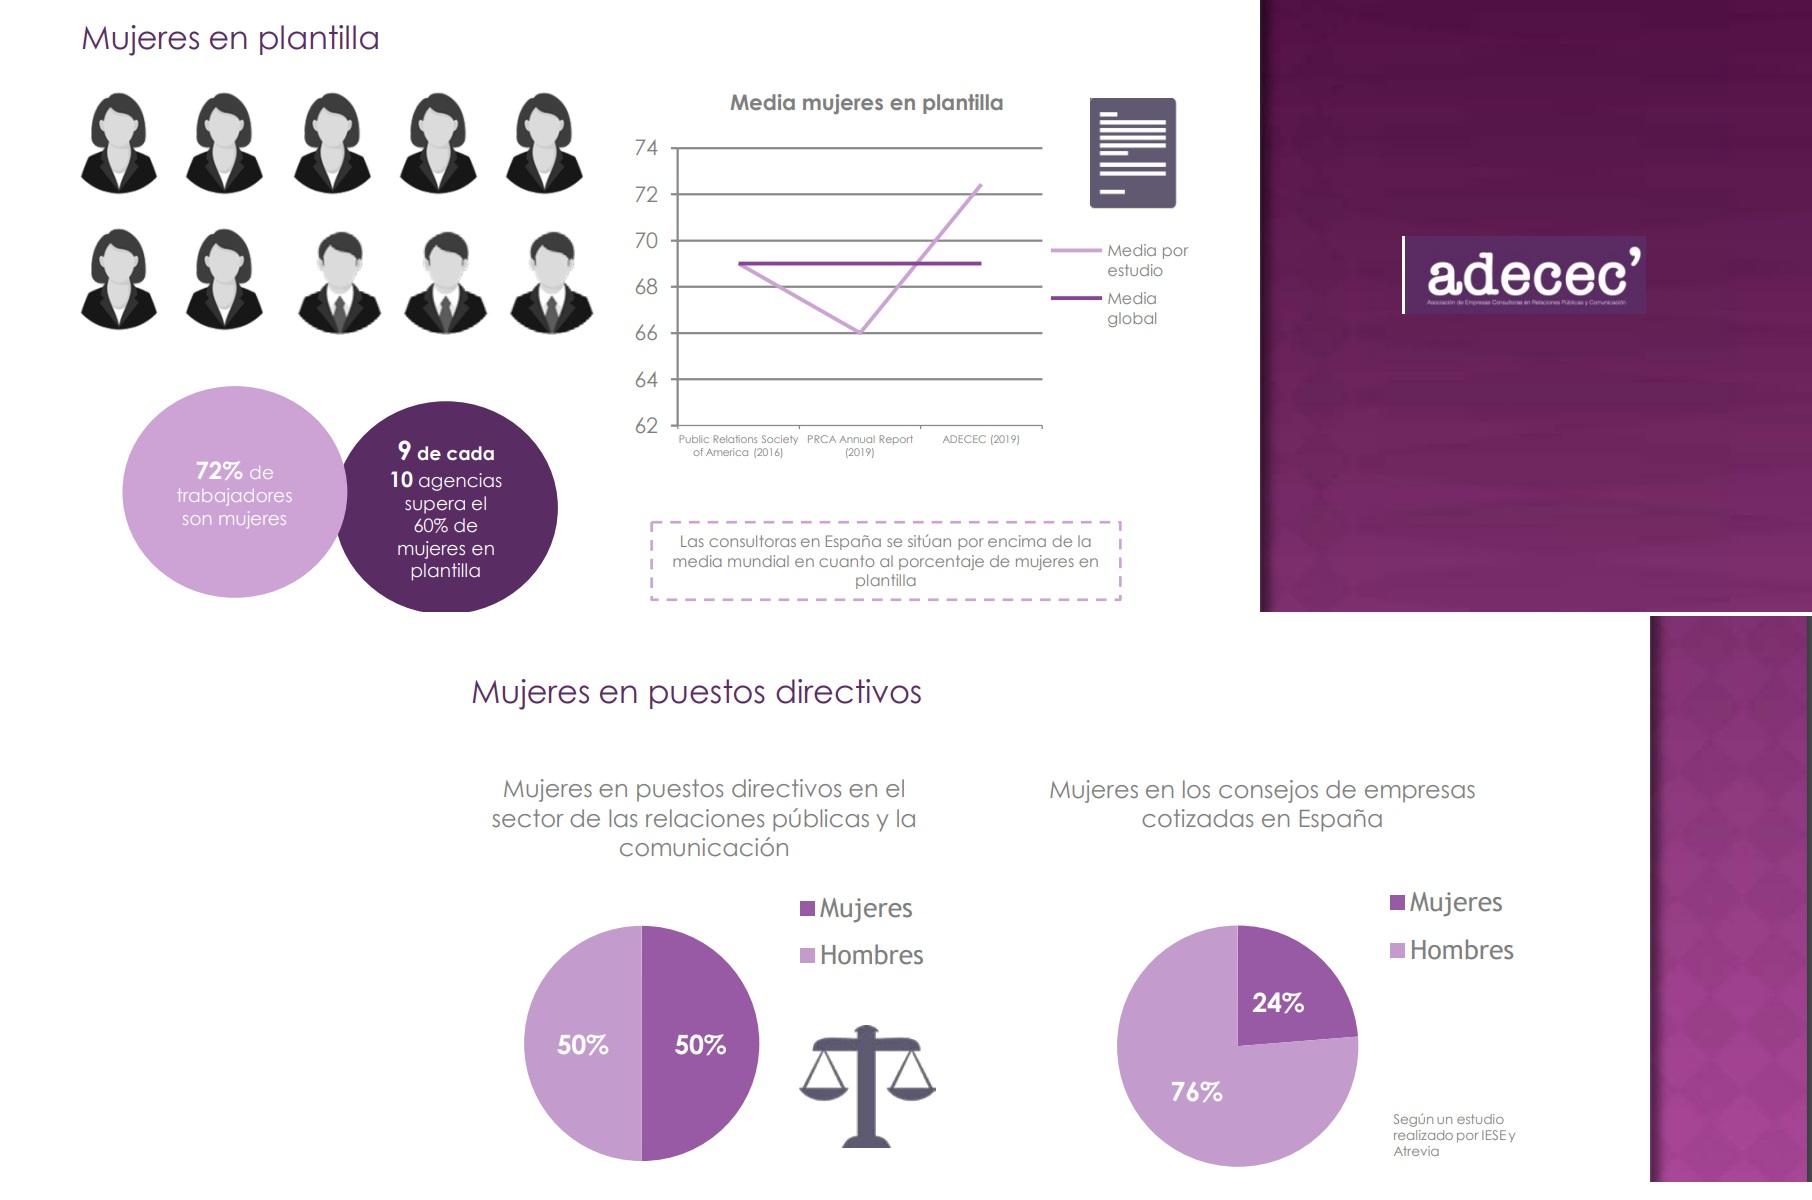 https://www.programapublicidad.com/wp-content/uploads/2019/03/estudio-adecec-mujeres-programapublicidad-muy-grande.jpg